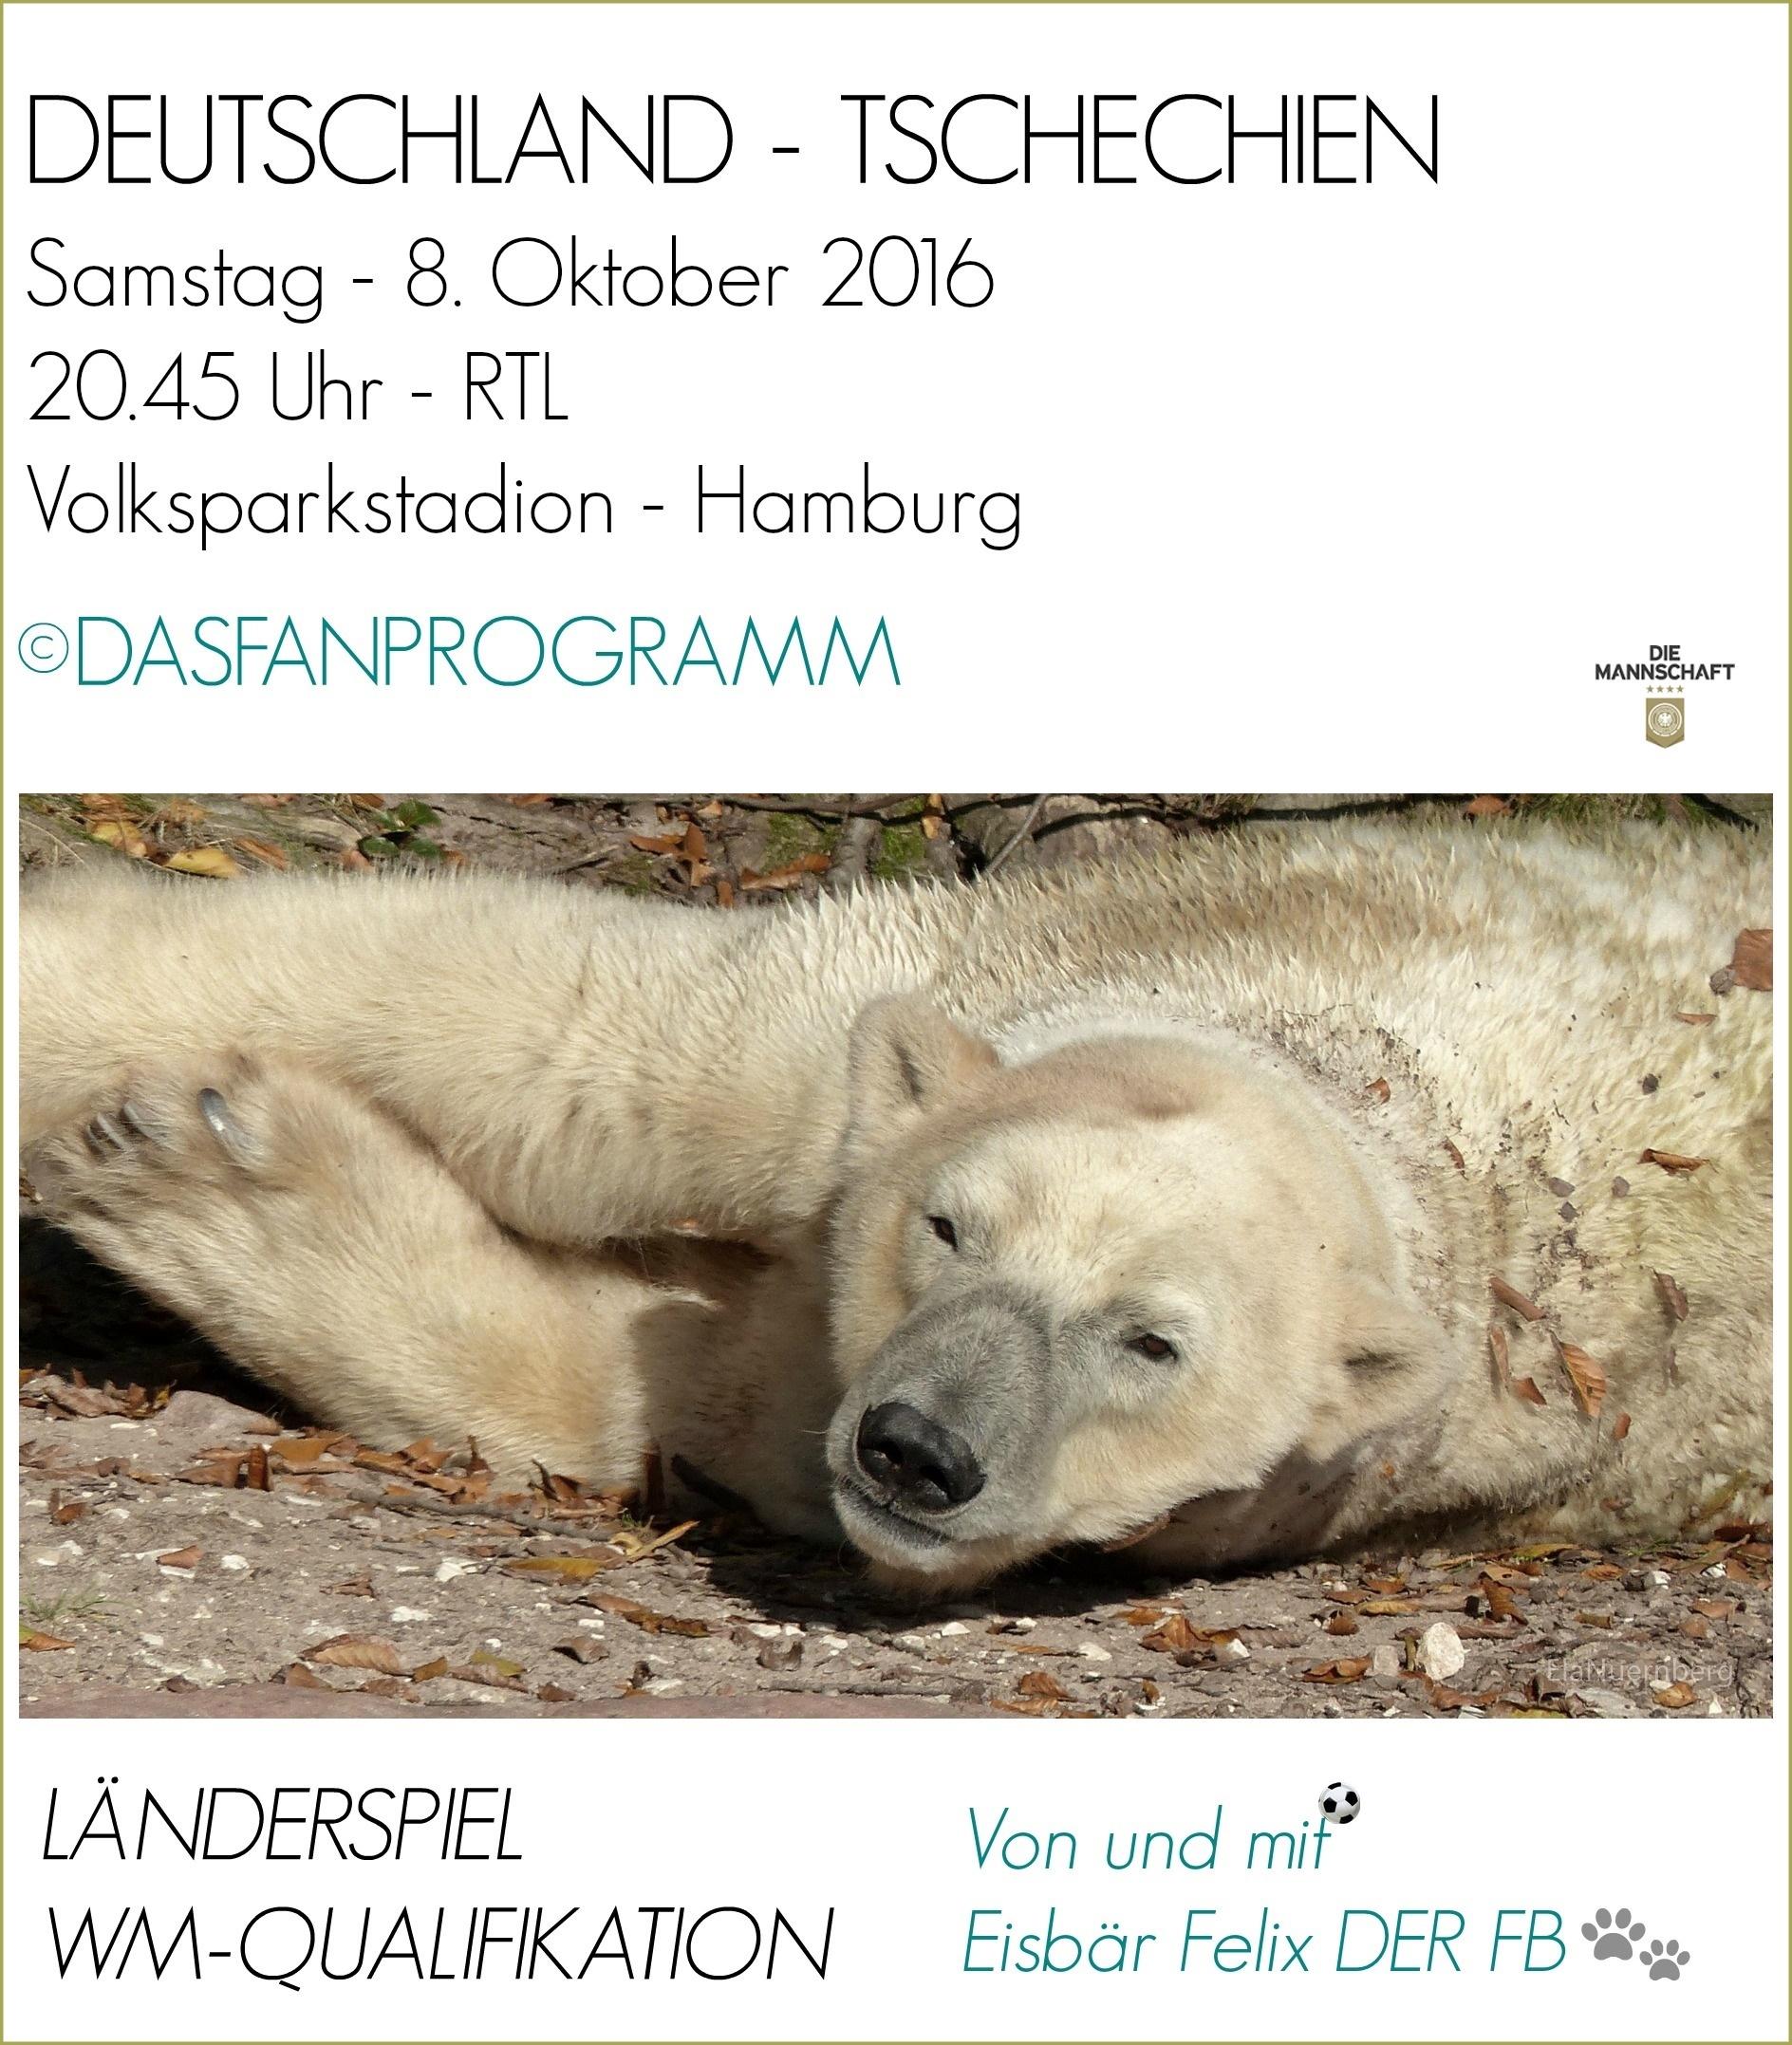 Eisbär Felix DER FanBeauftragte spricht - 10(2016